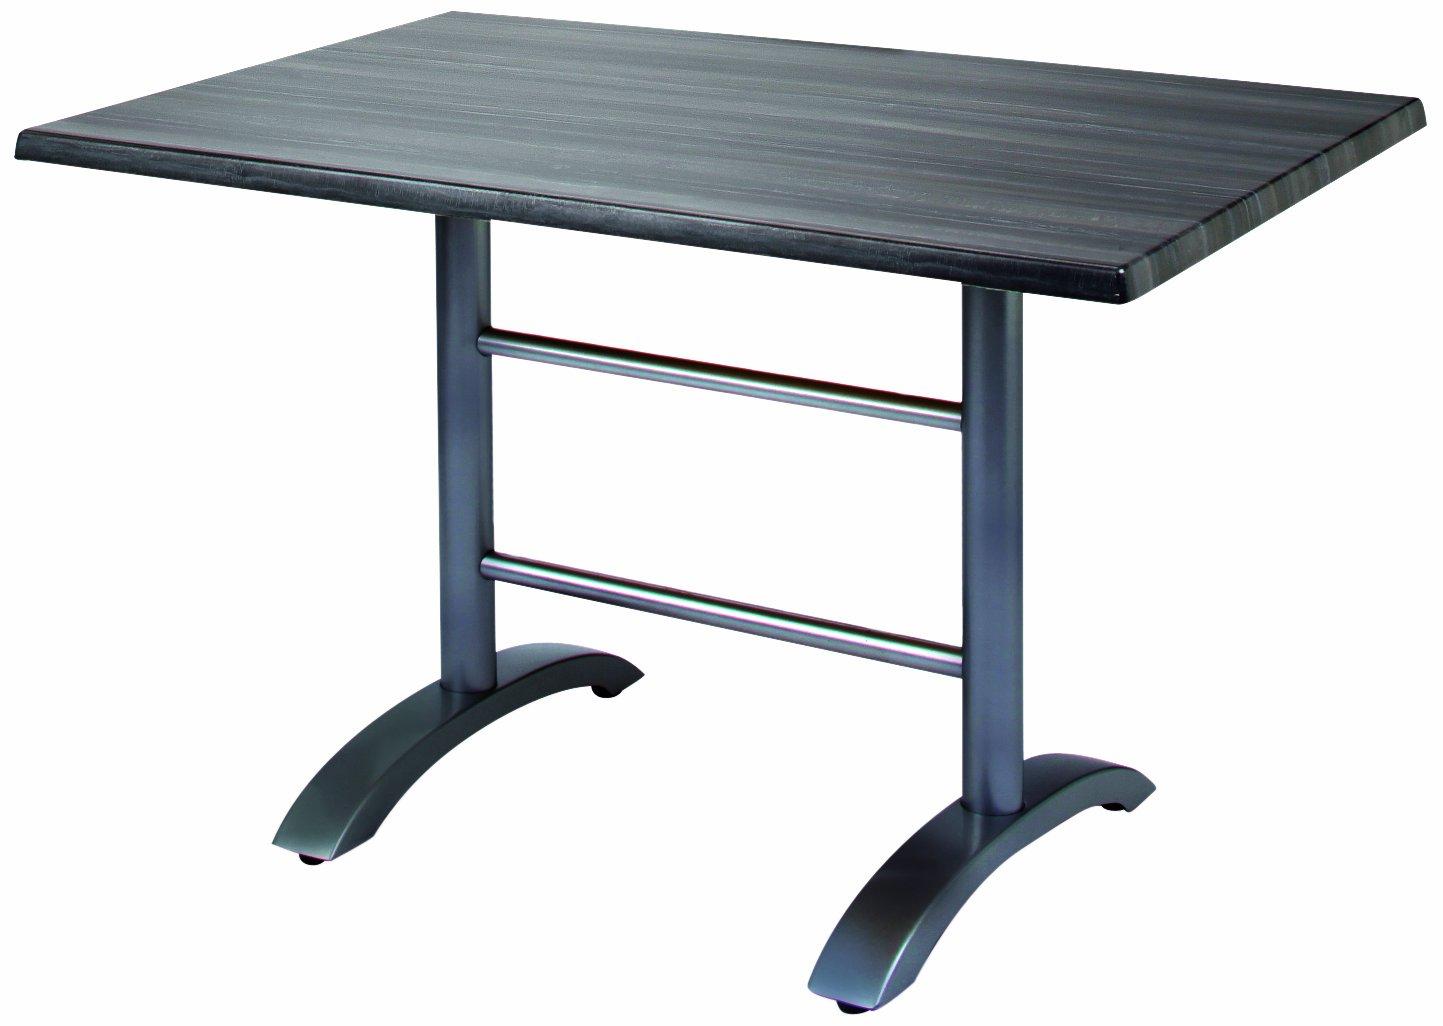 BEST 43541557 Tisch Maestro rechteckig 120 x 80 cm, anthrazit / Tempera günstig kaufen